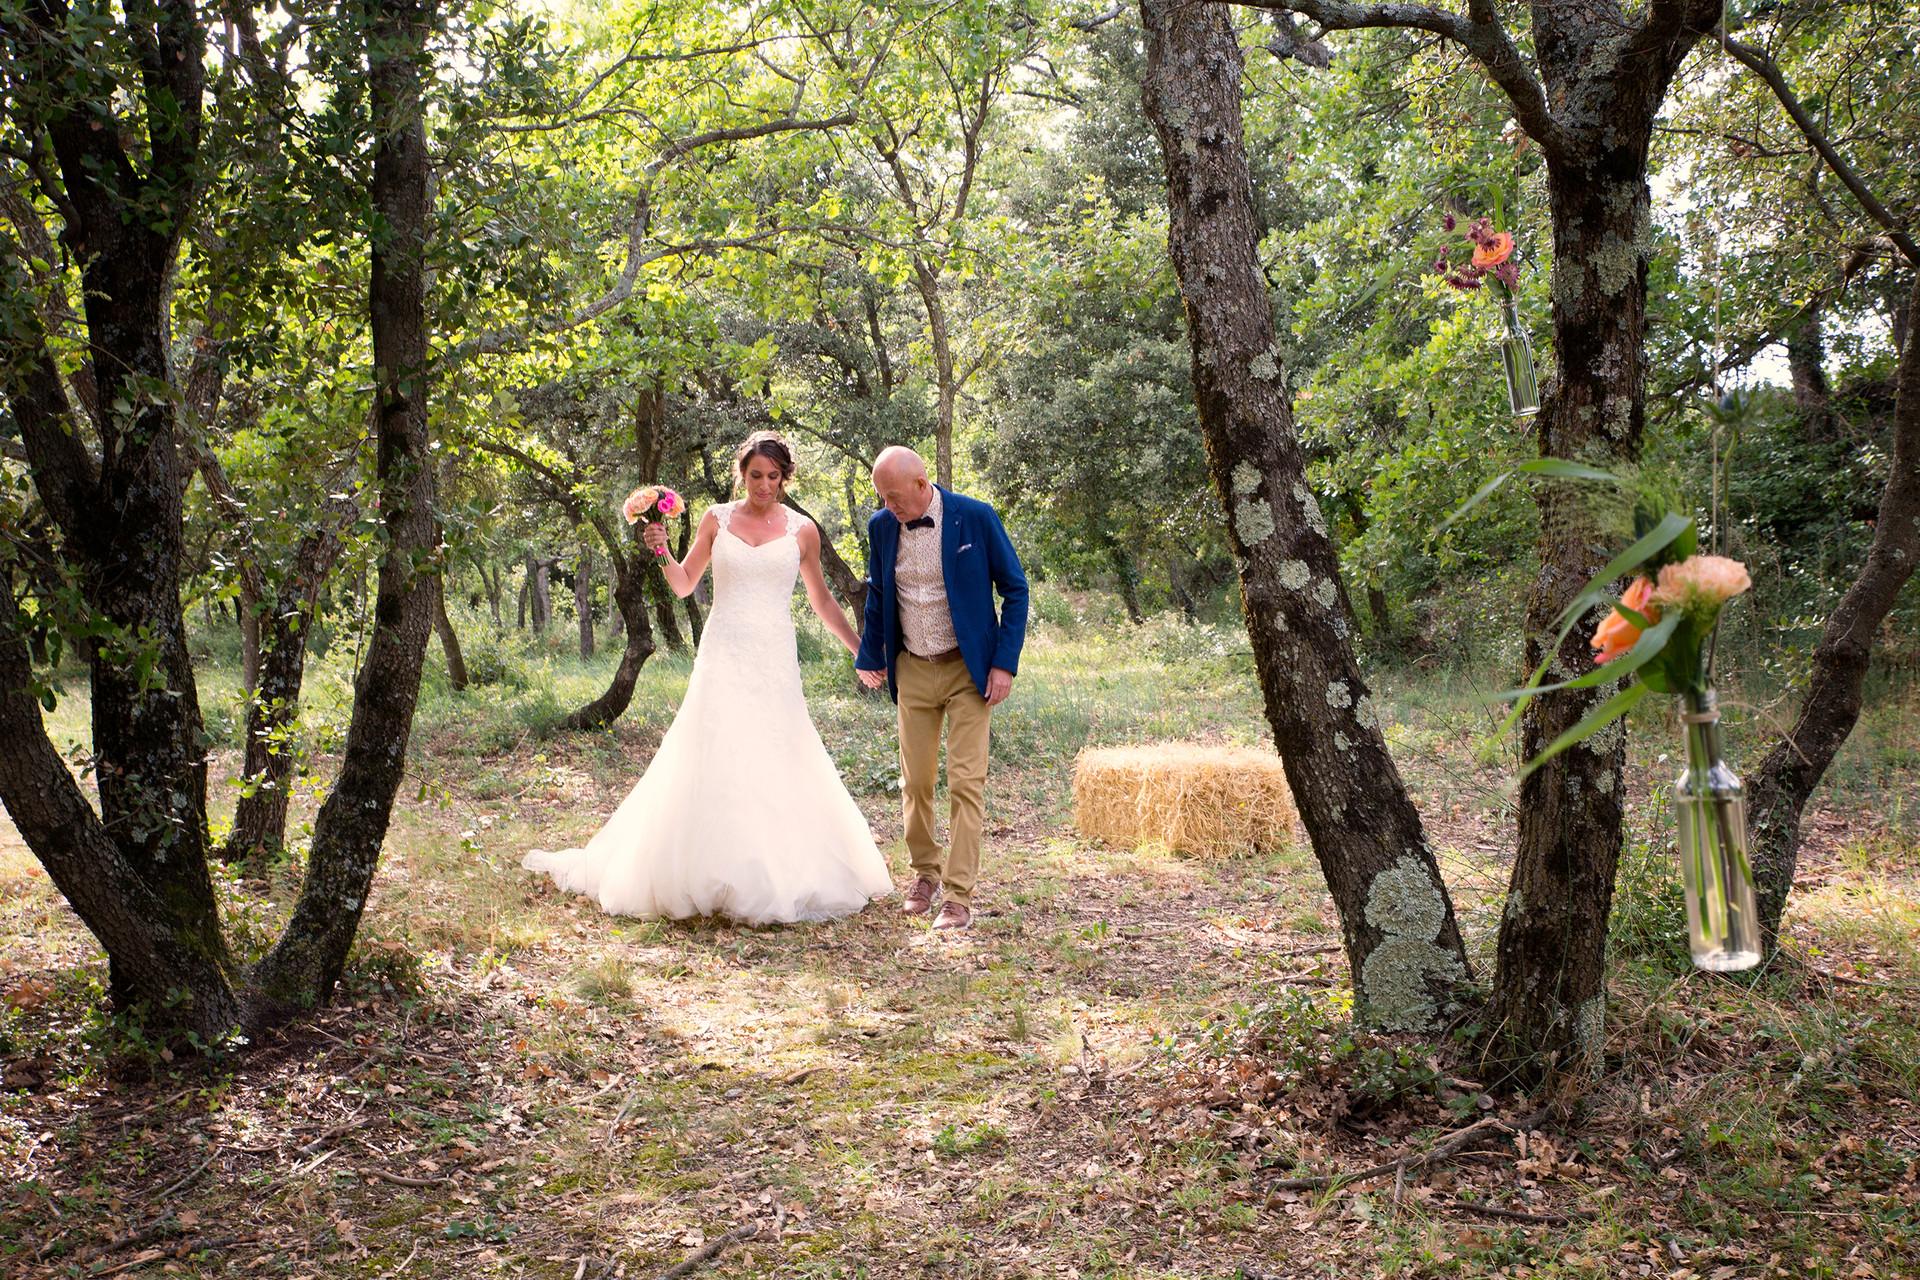 La belle mariée fait son entrée au côté de son papa